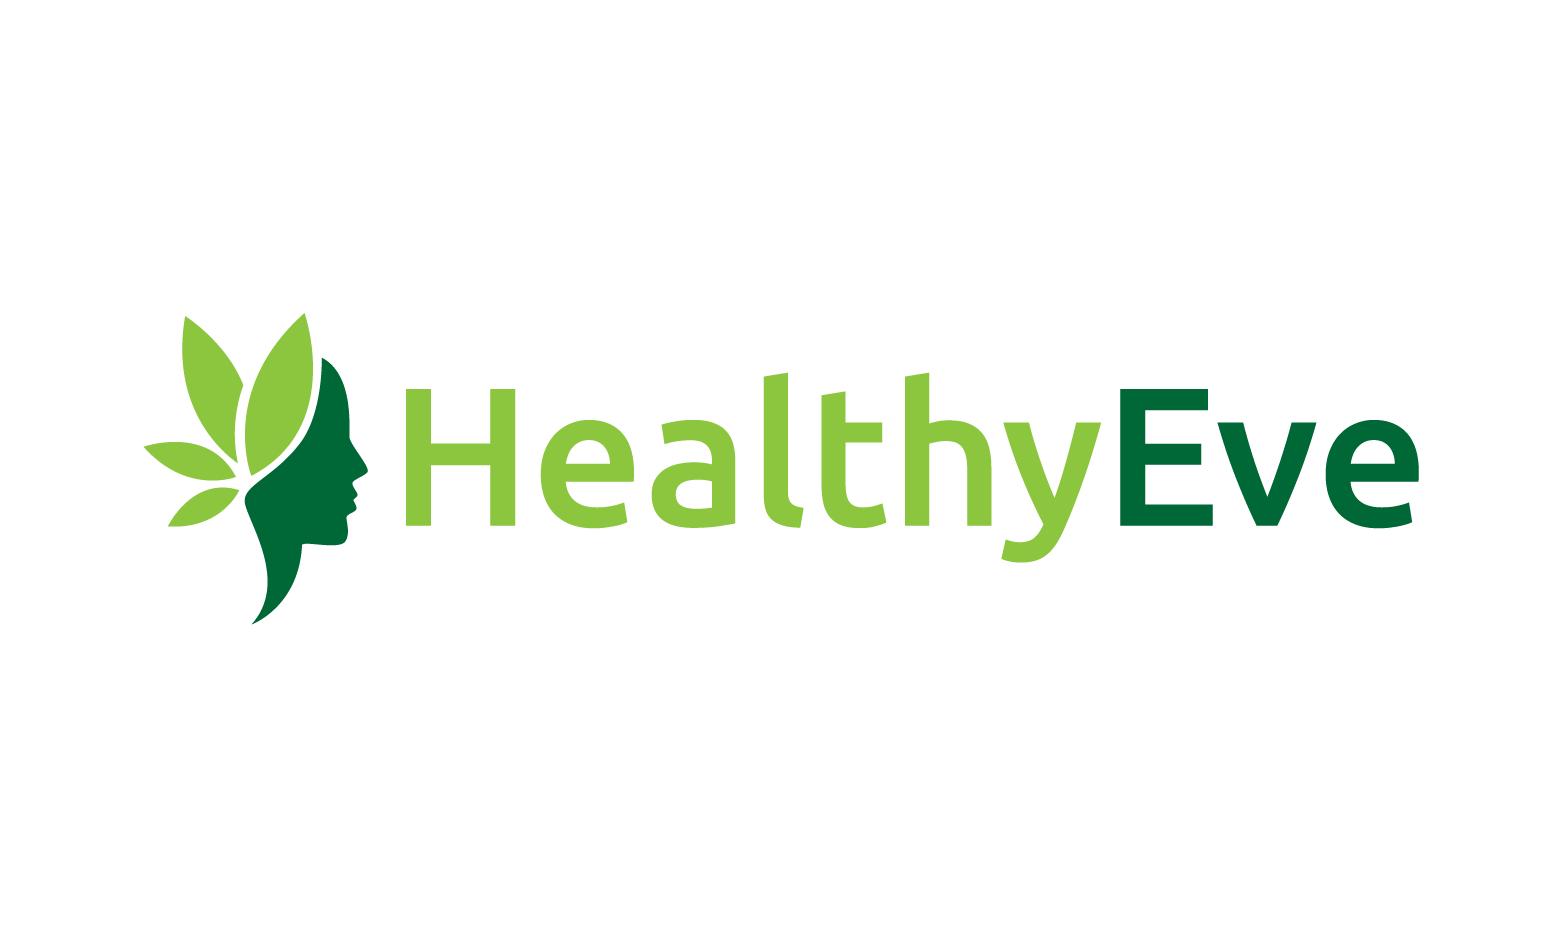 HealthyEve.com